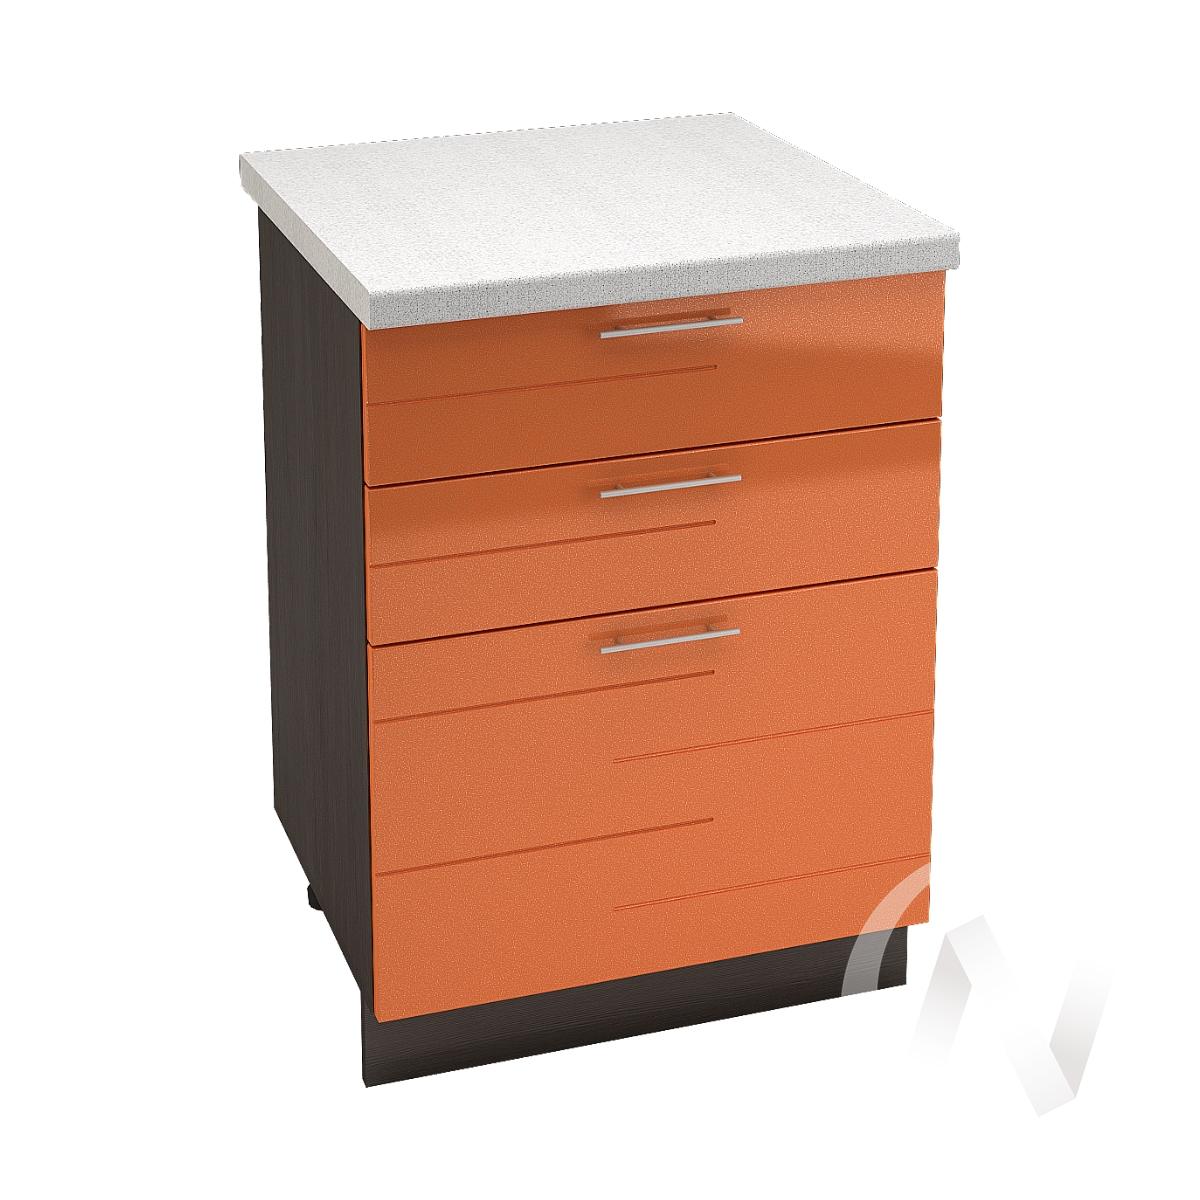 """Кухня """"Техно"""": Шкаф нижний с 3-мя ящиками 600, ШН3Я 600 (корпус венге)"""